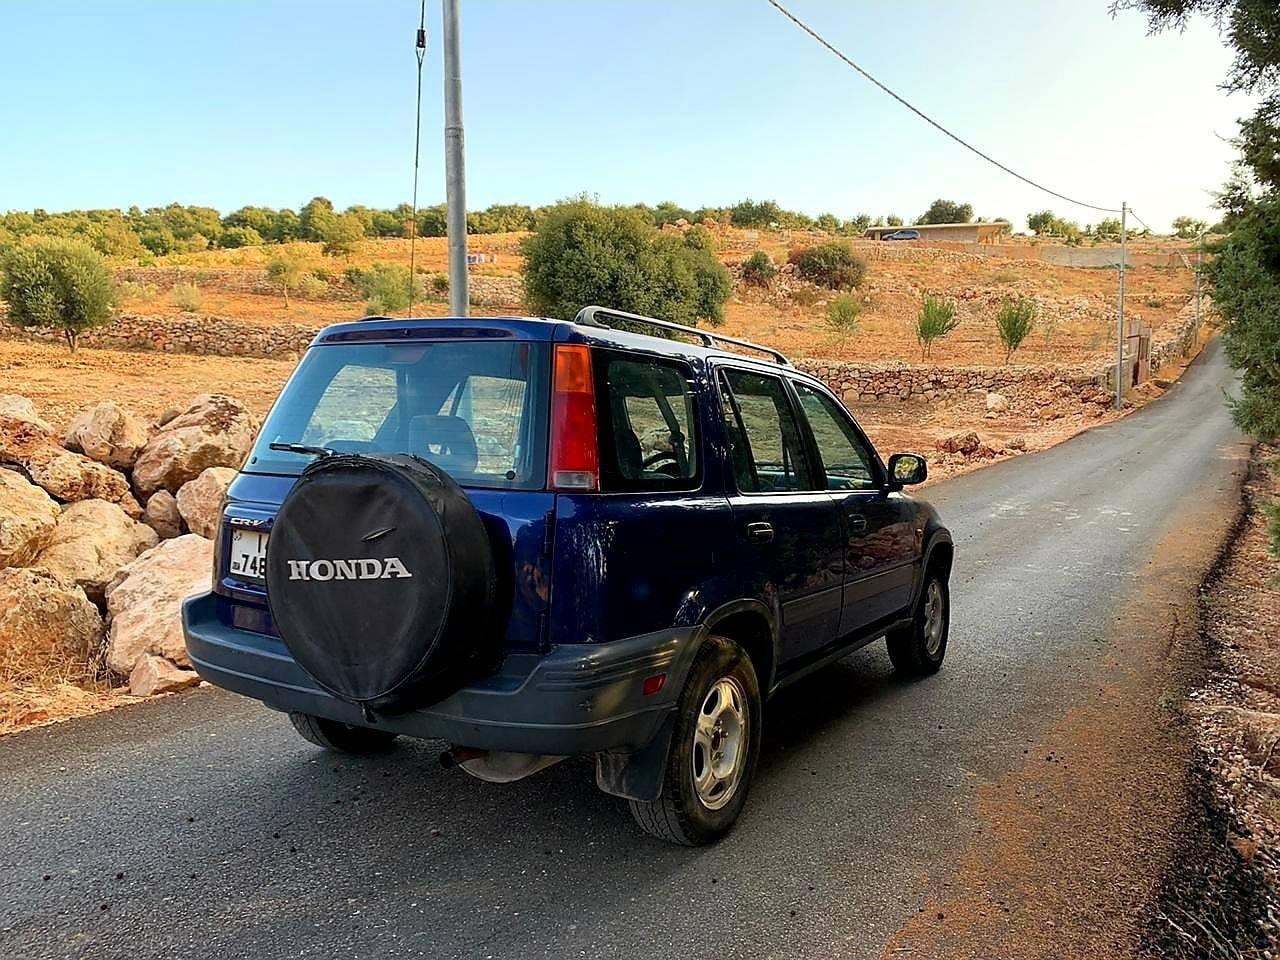 بالصور  ..  هوندا Crv 1998 4×4 للبيع